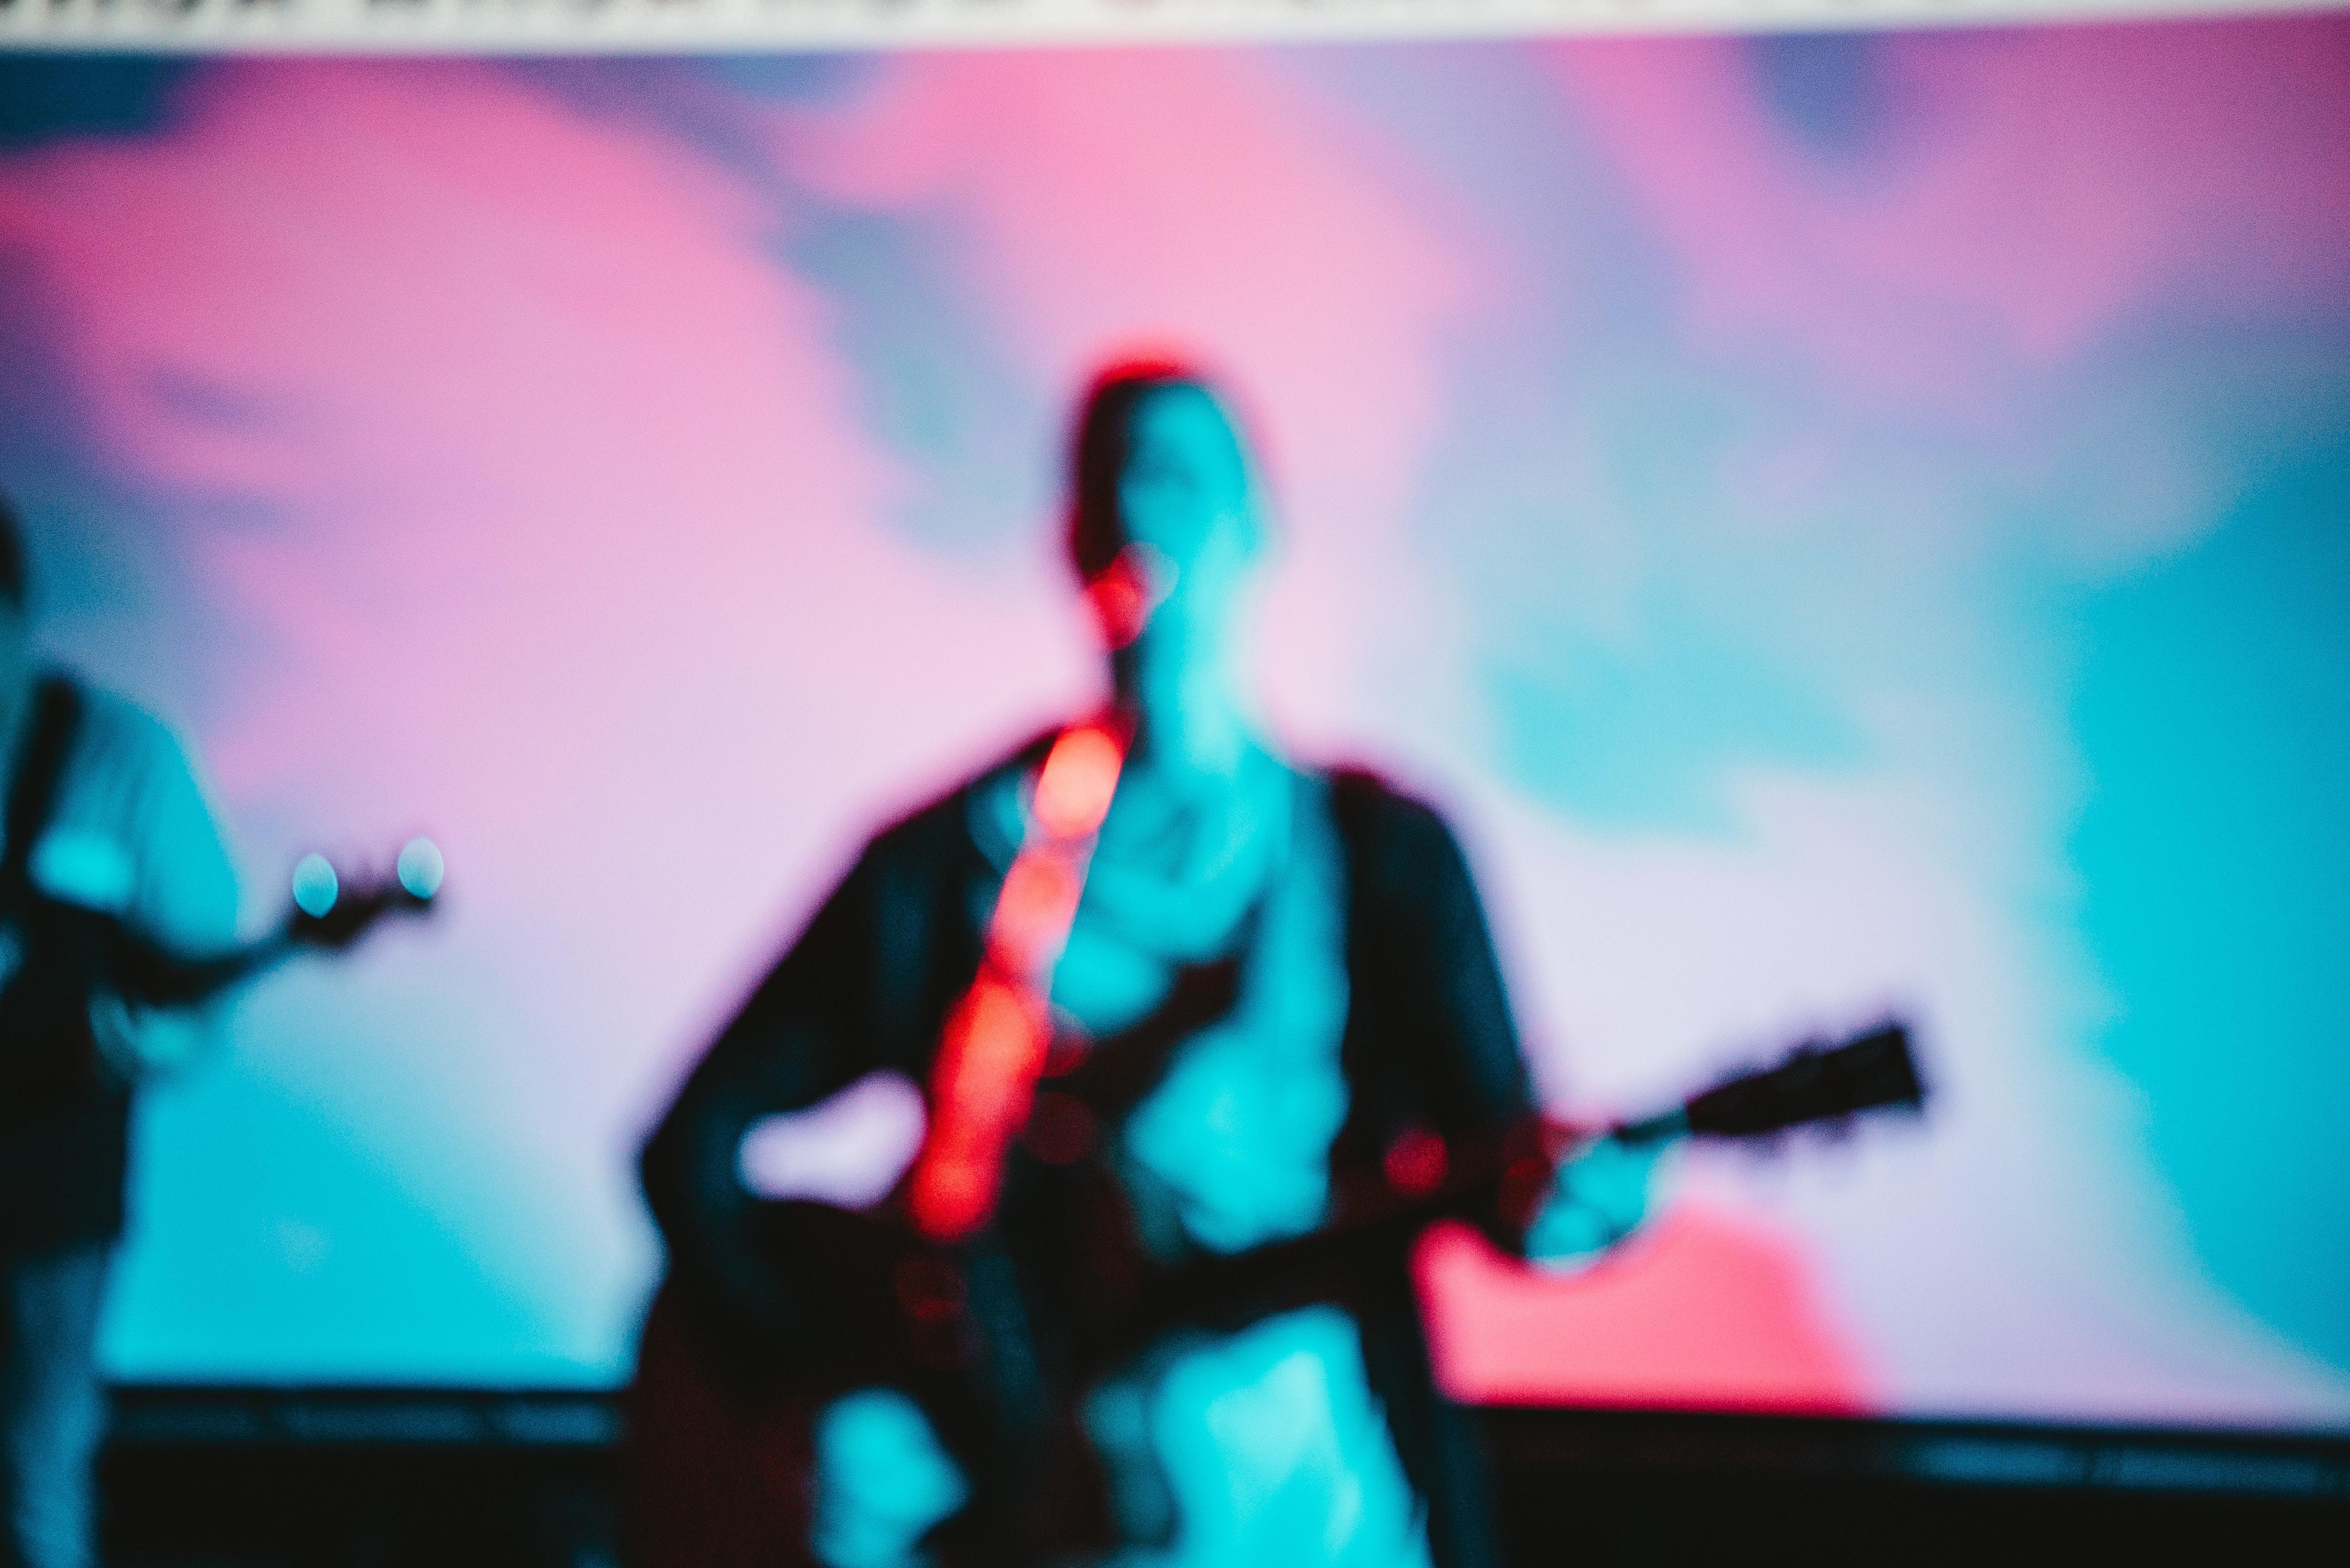 man playing guitar screengrab